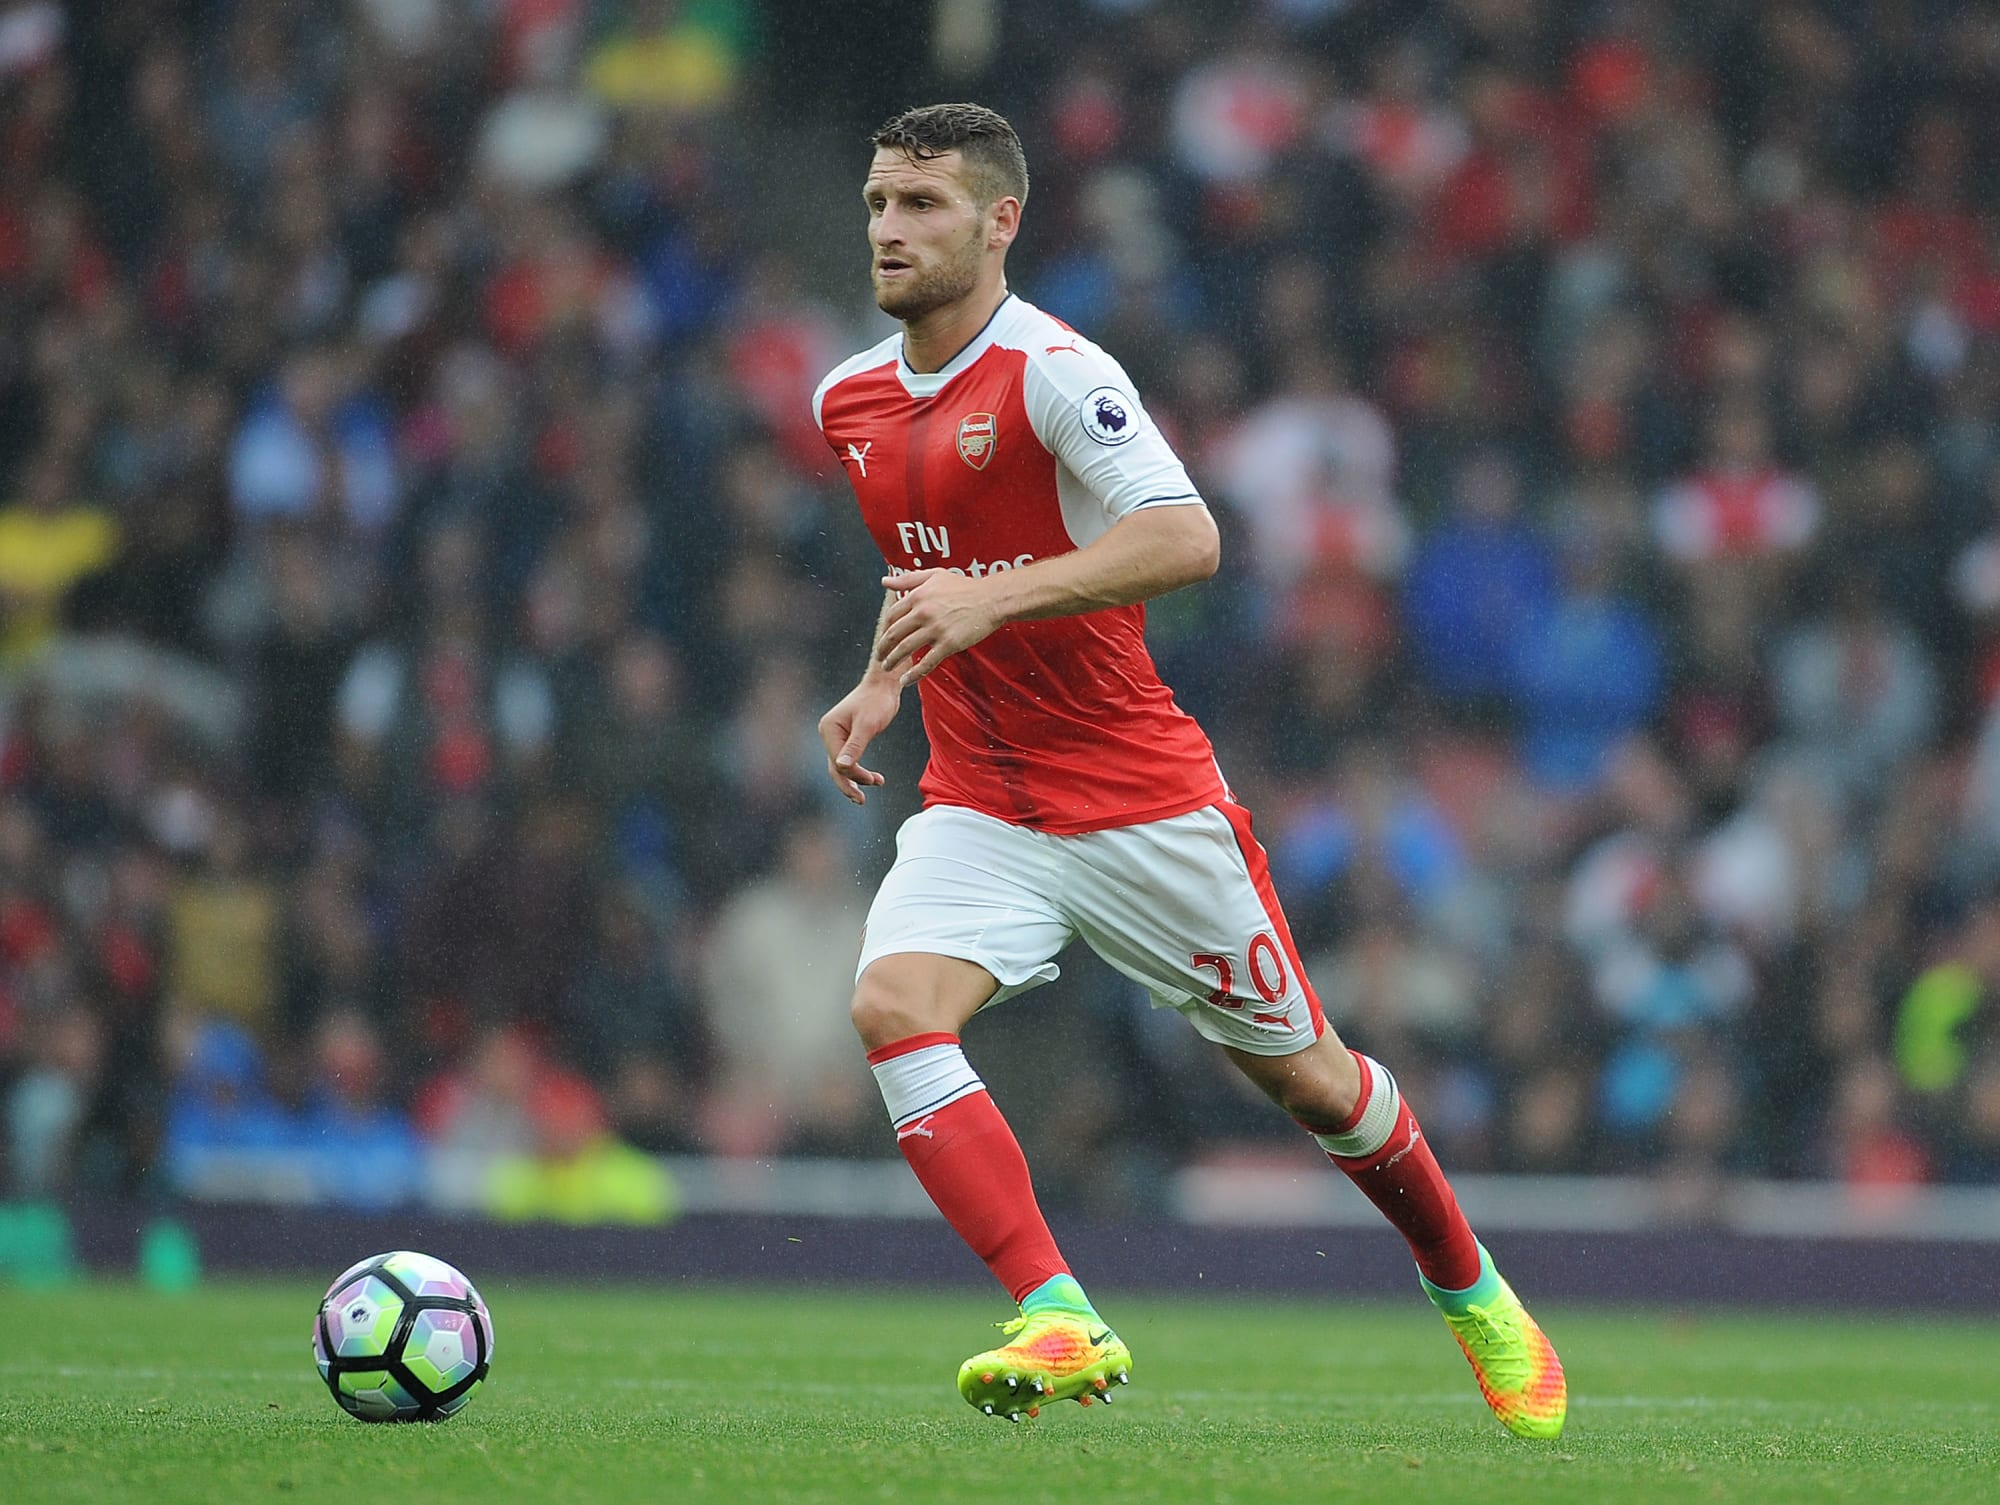 Arsenal Shkodran Mustafi S Height Completely Irrelevant